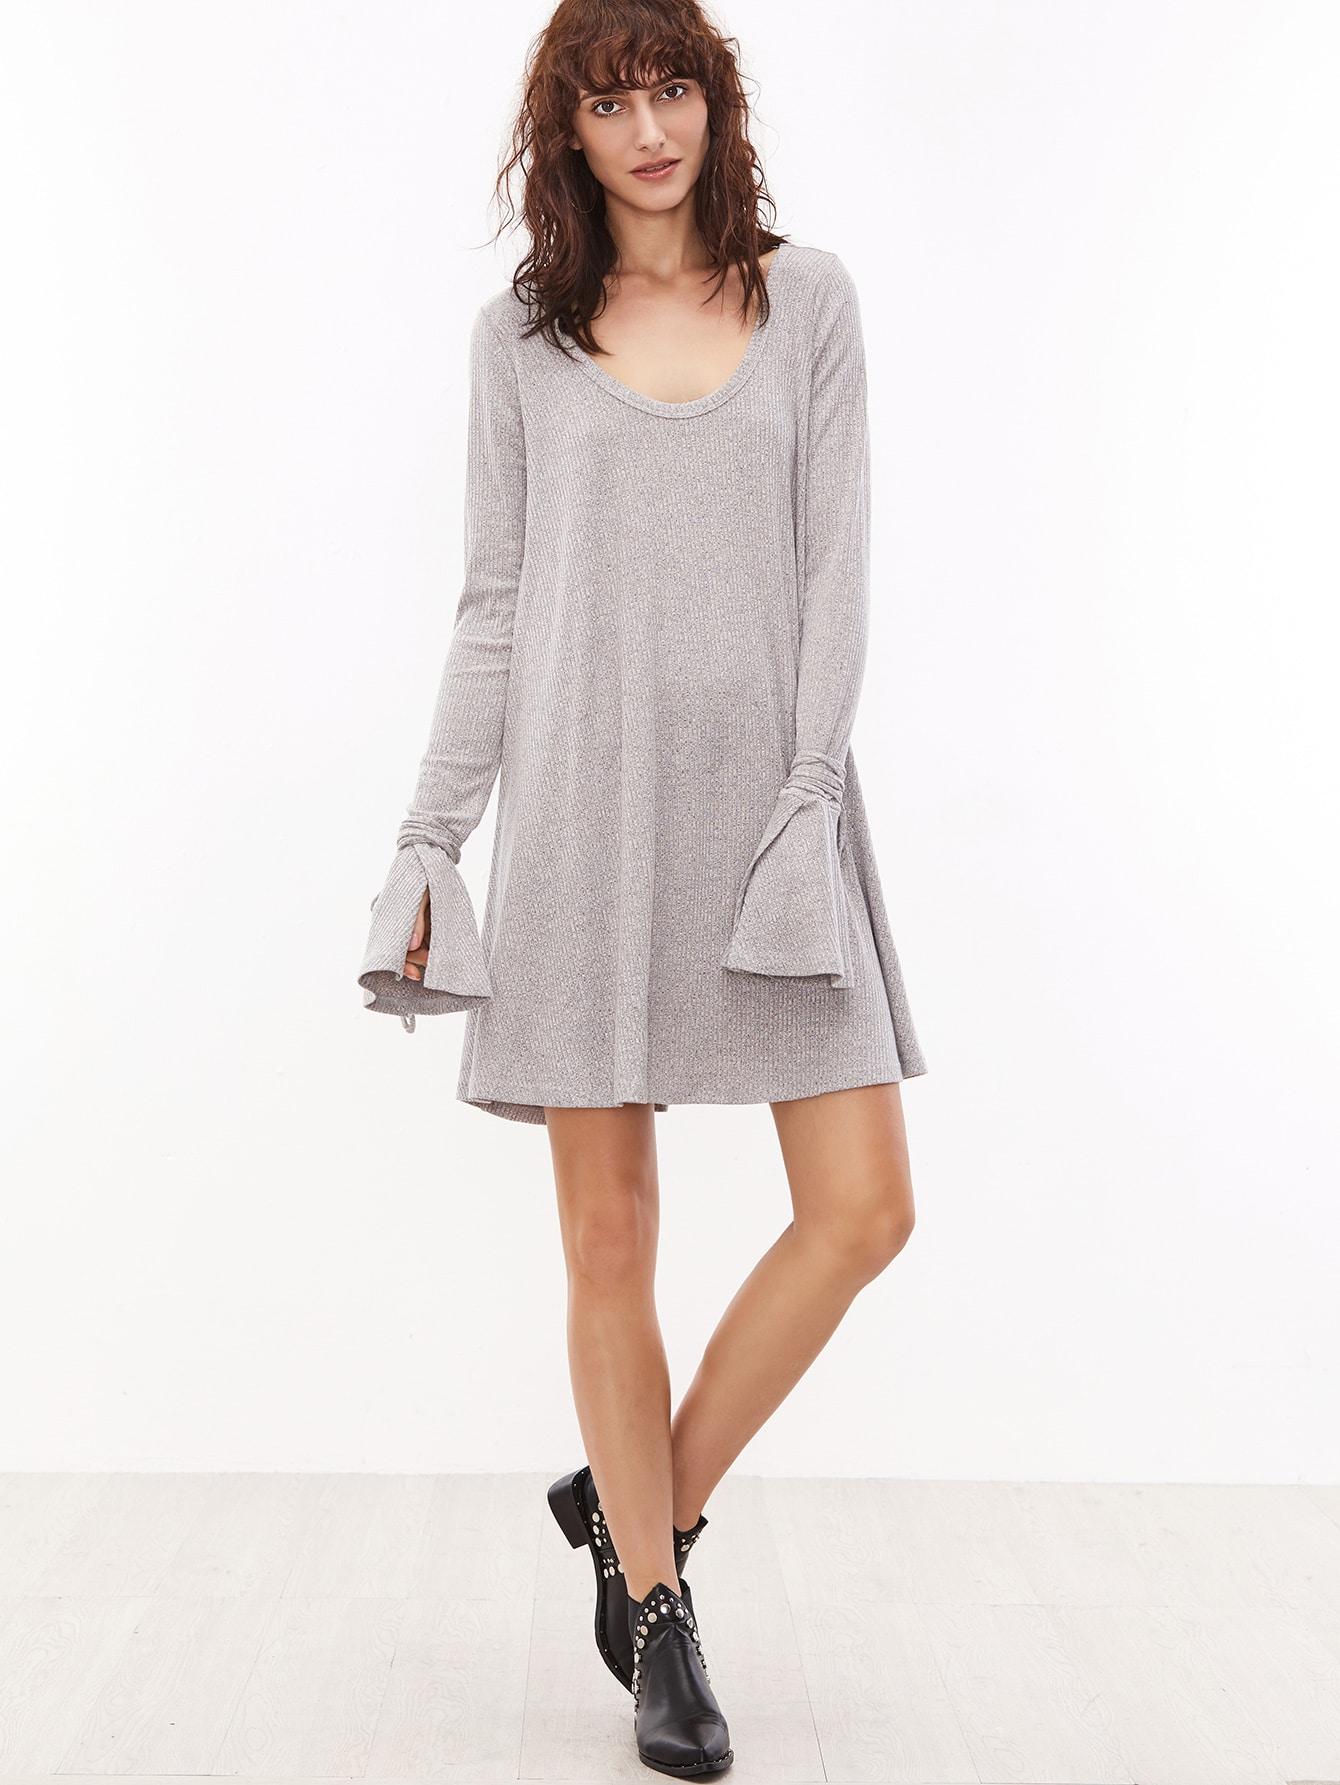 dress161201722_2